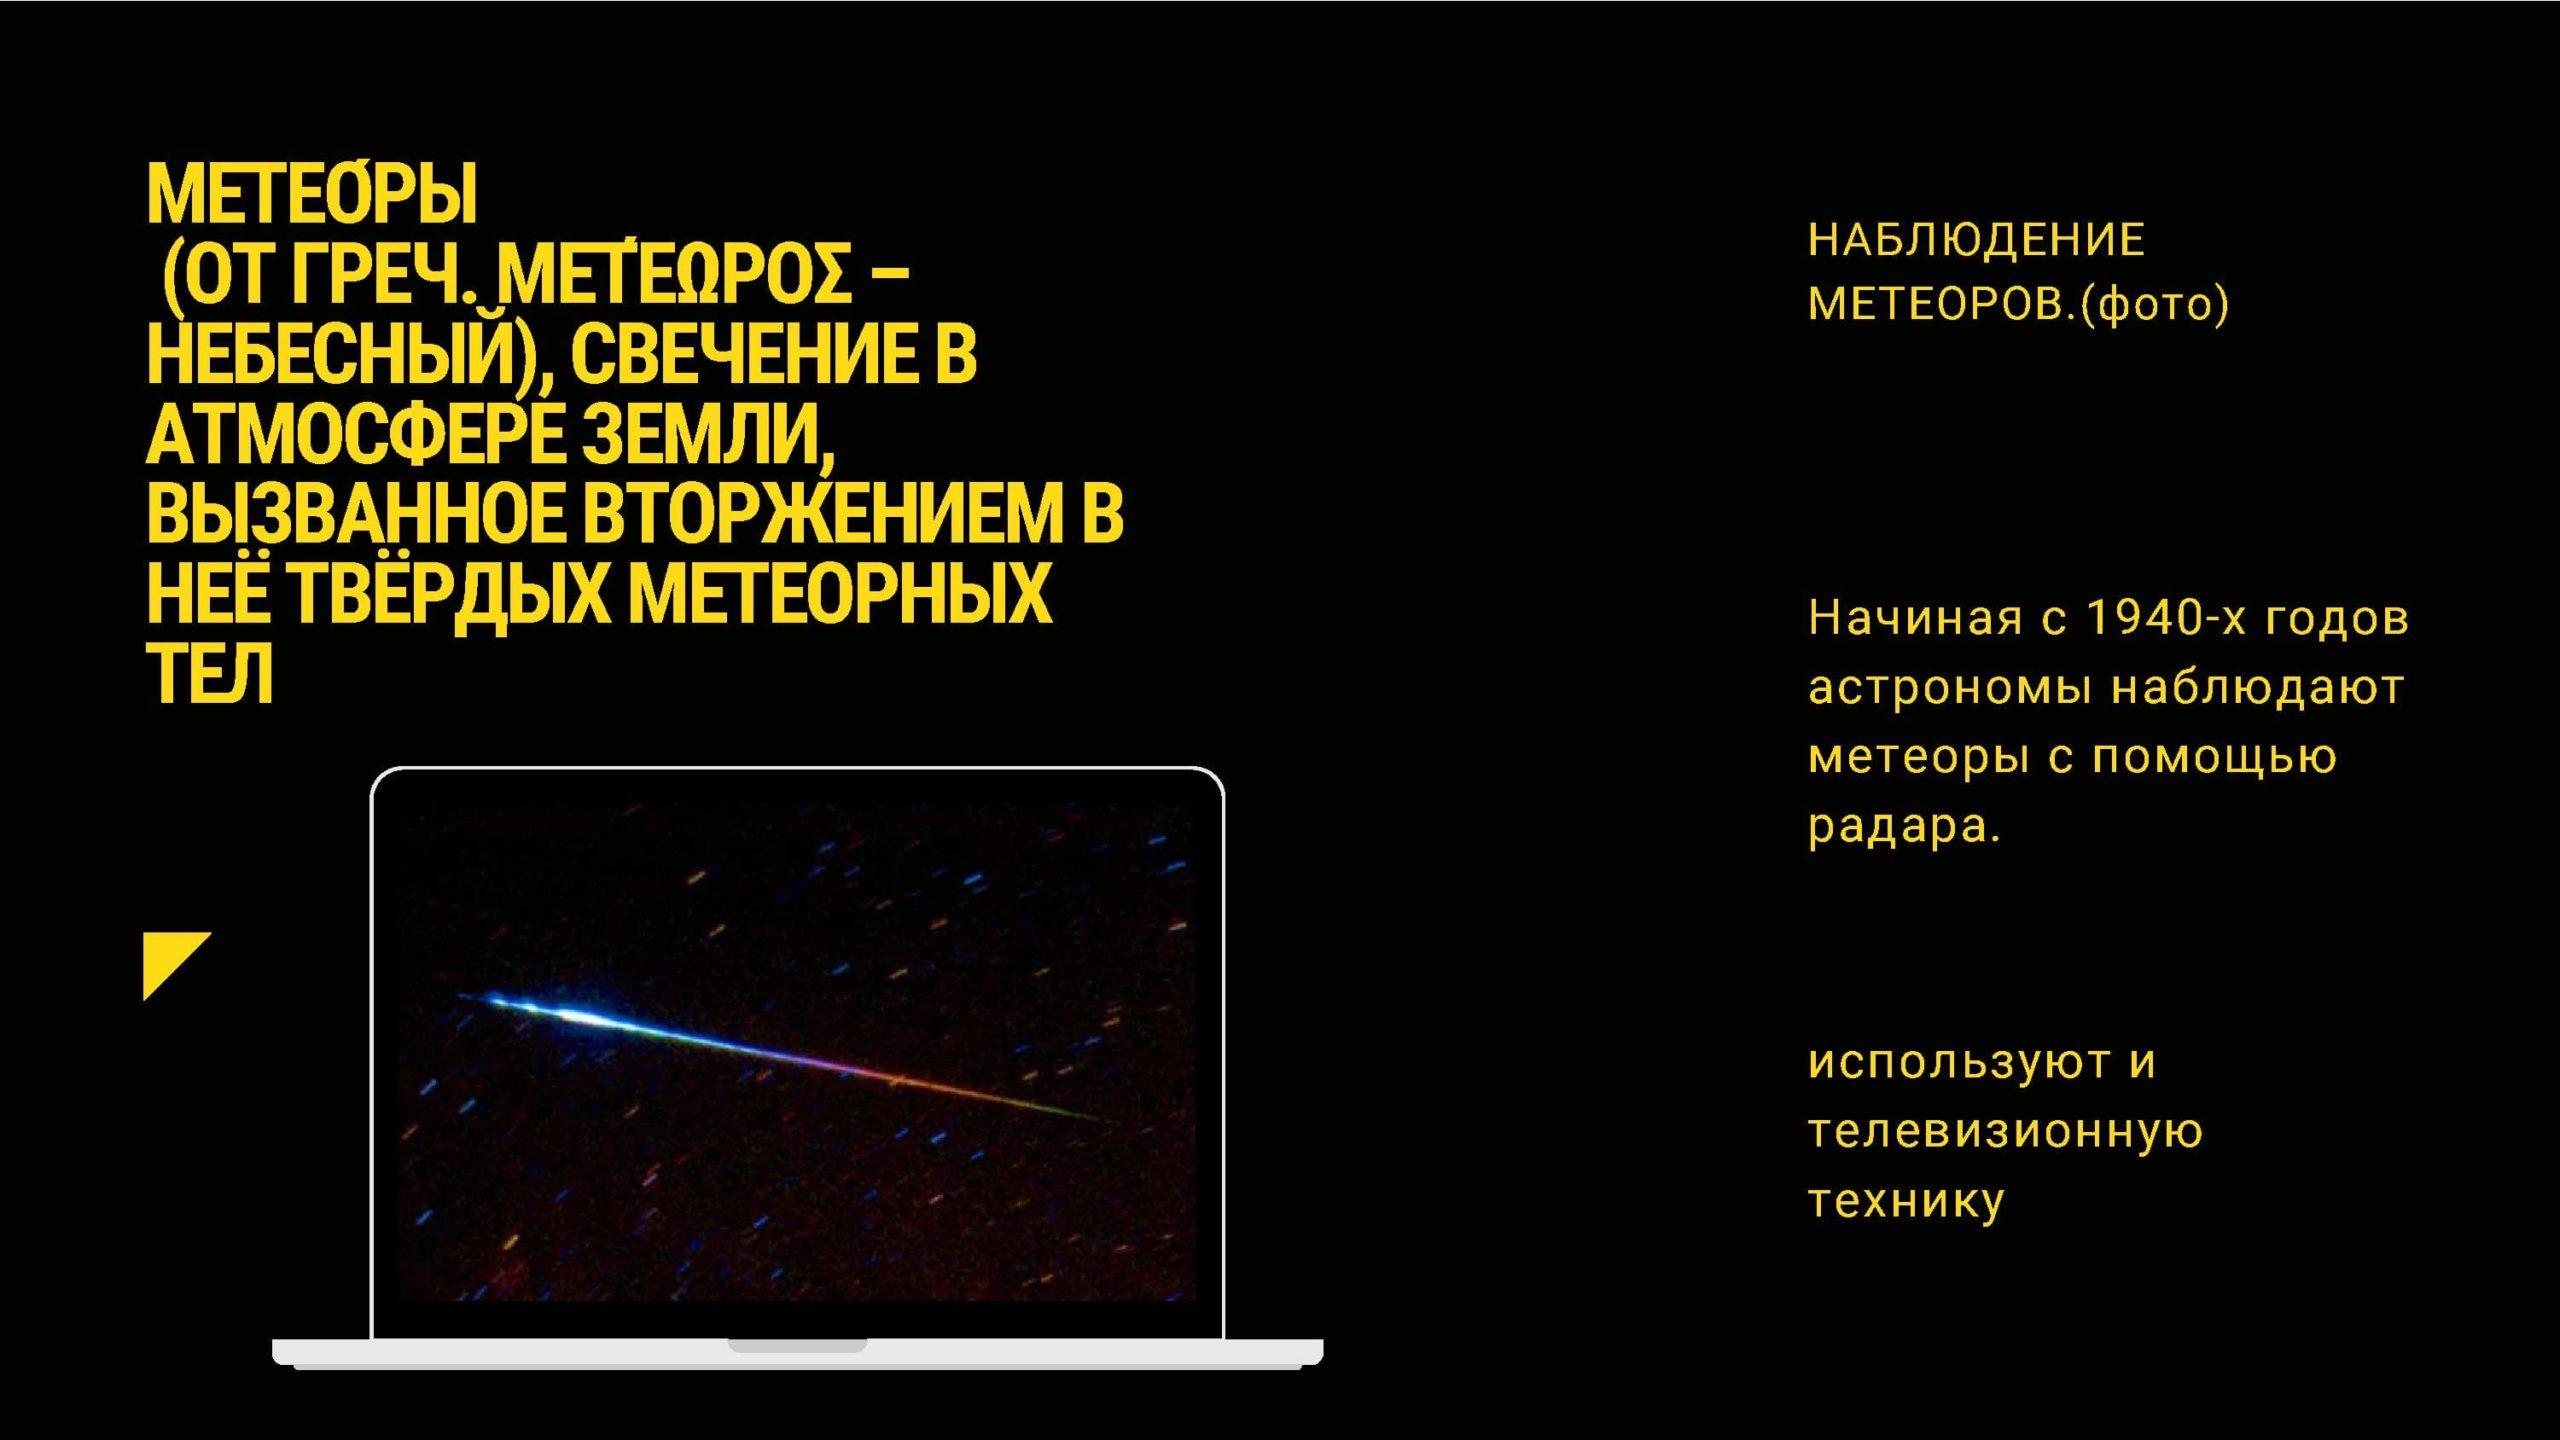 Метеоры, свечение в атмосфере Земли